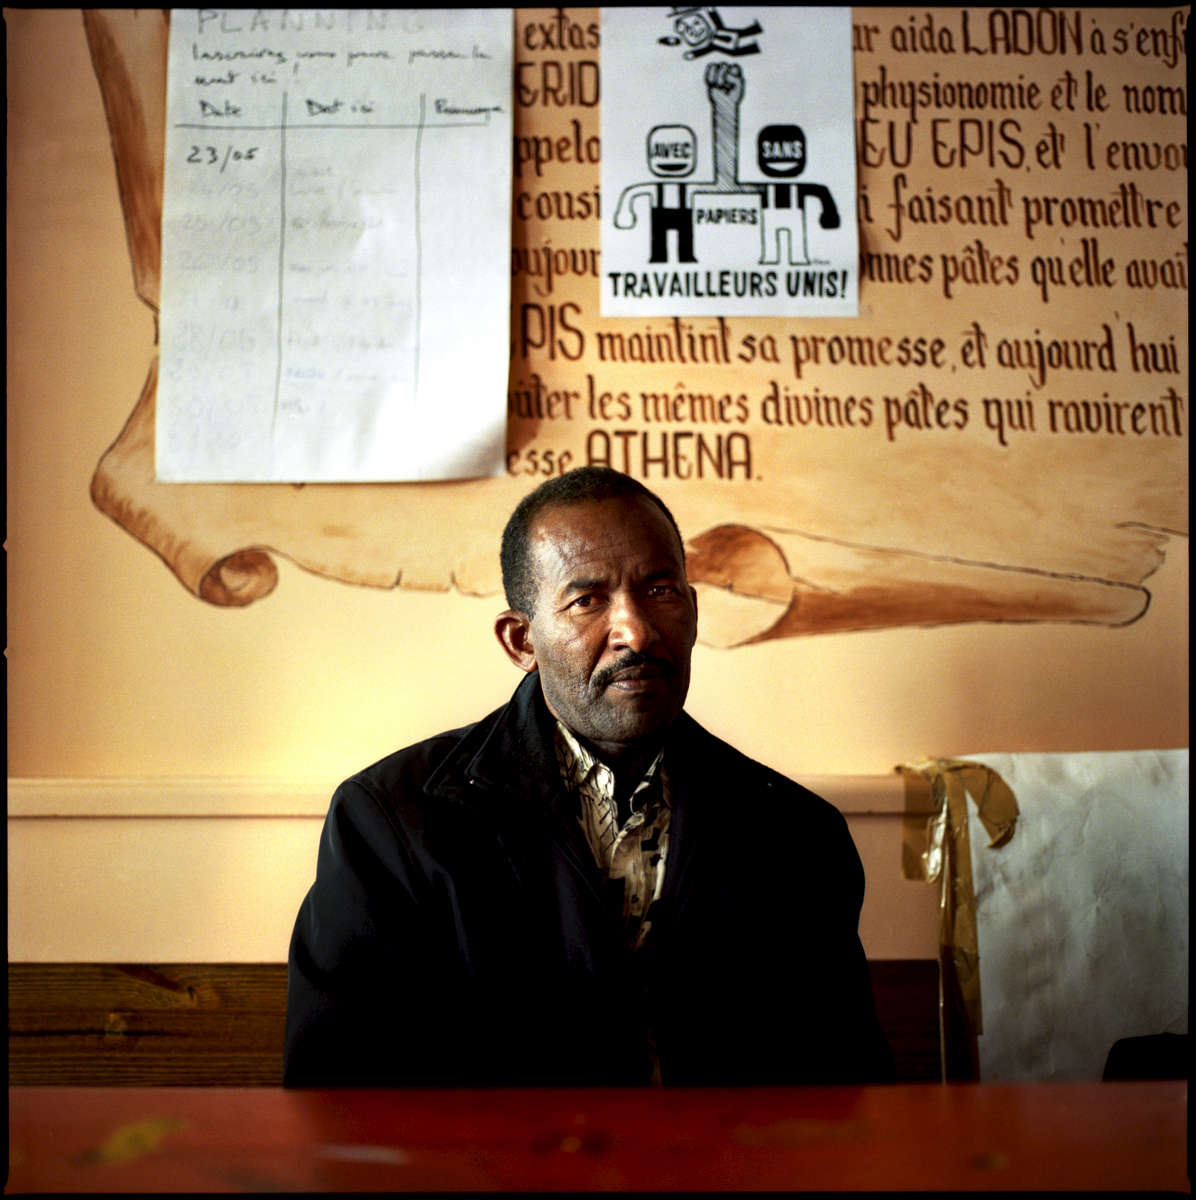 Mamadou est Mauritanien et est arrivé en France en 2004. En grêve depuis le 19 Mai 22008, il travaille dans l'un des restaurants du groupe PASTAPAPA. Il occupe avec 7 autres grévistes, et quelques soutiens, le restaurant PASTAPAPA de la rue Jean Mermoz à Paris.